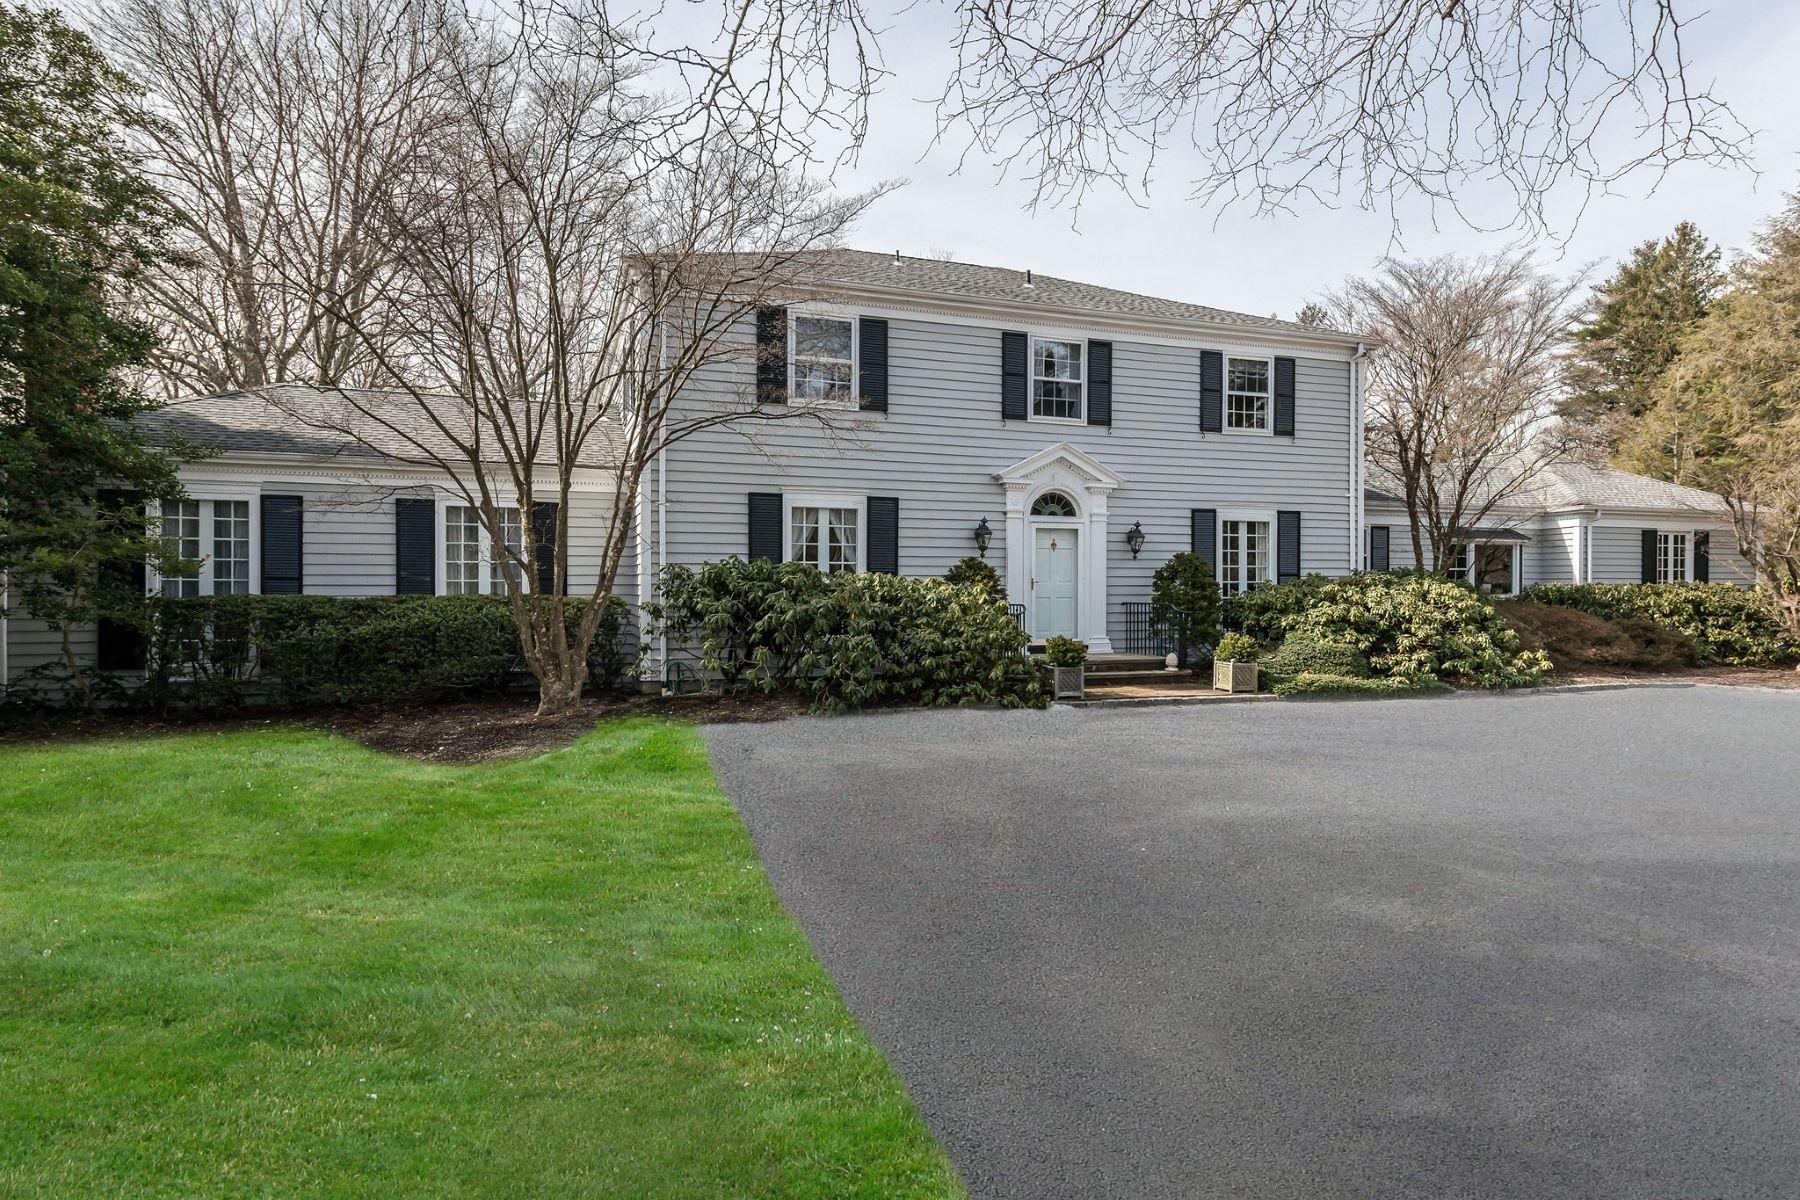 Частный односемейный дом для того Продажа на 152 Horseshoe Rd 152 Horseshoe Rd, Mill Neck, Нью-Йорк, 11765 Соединенные Штаты